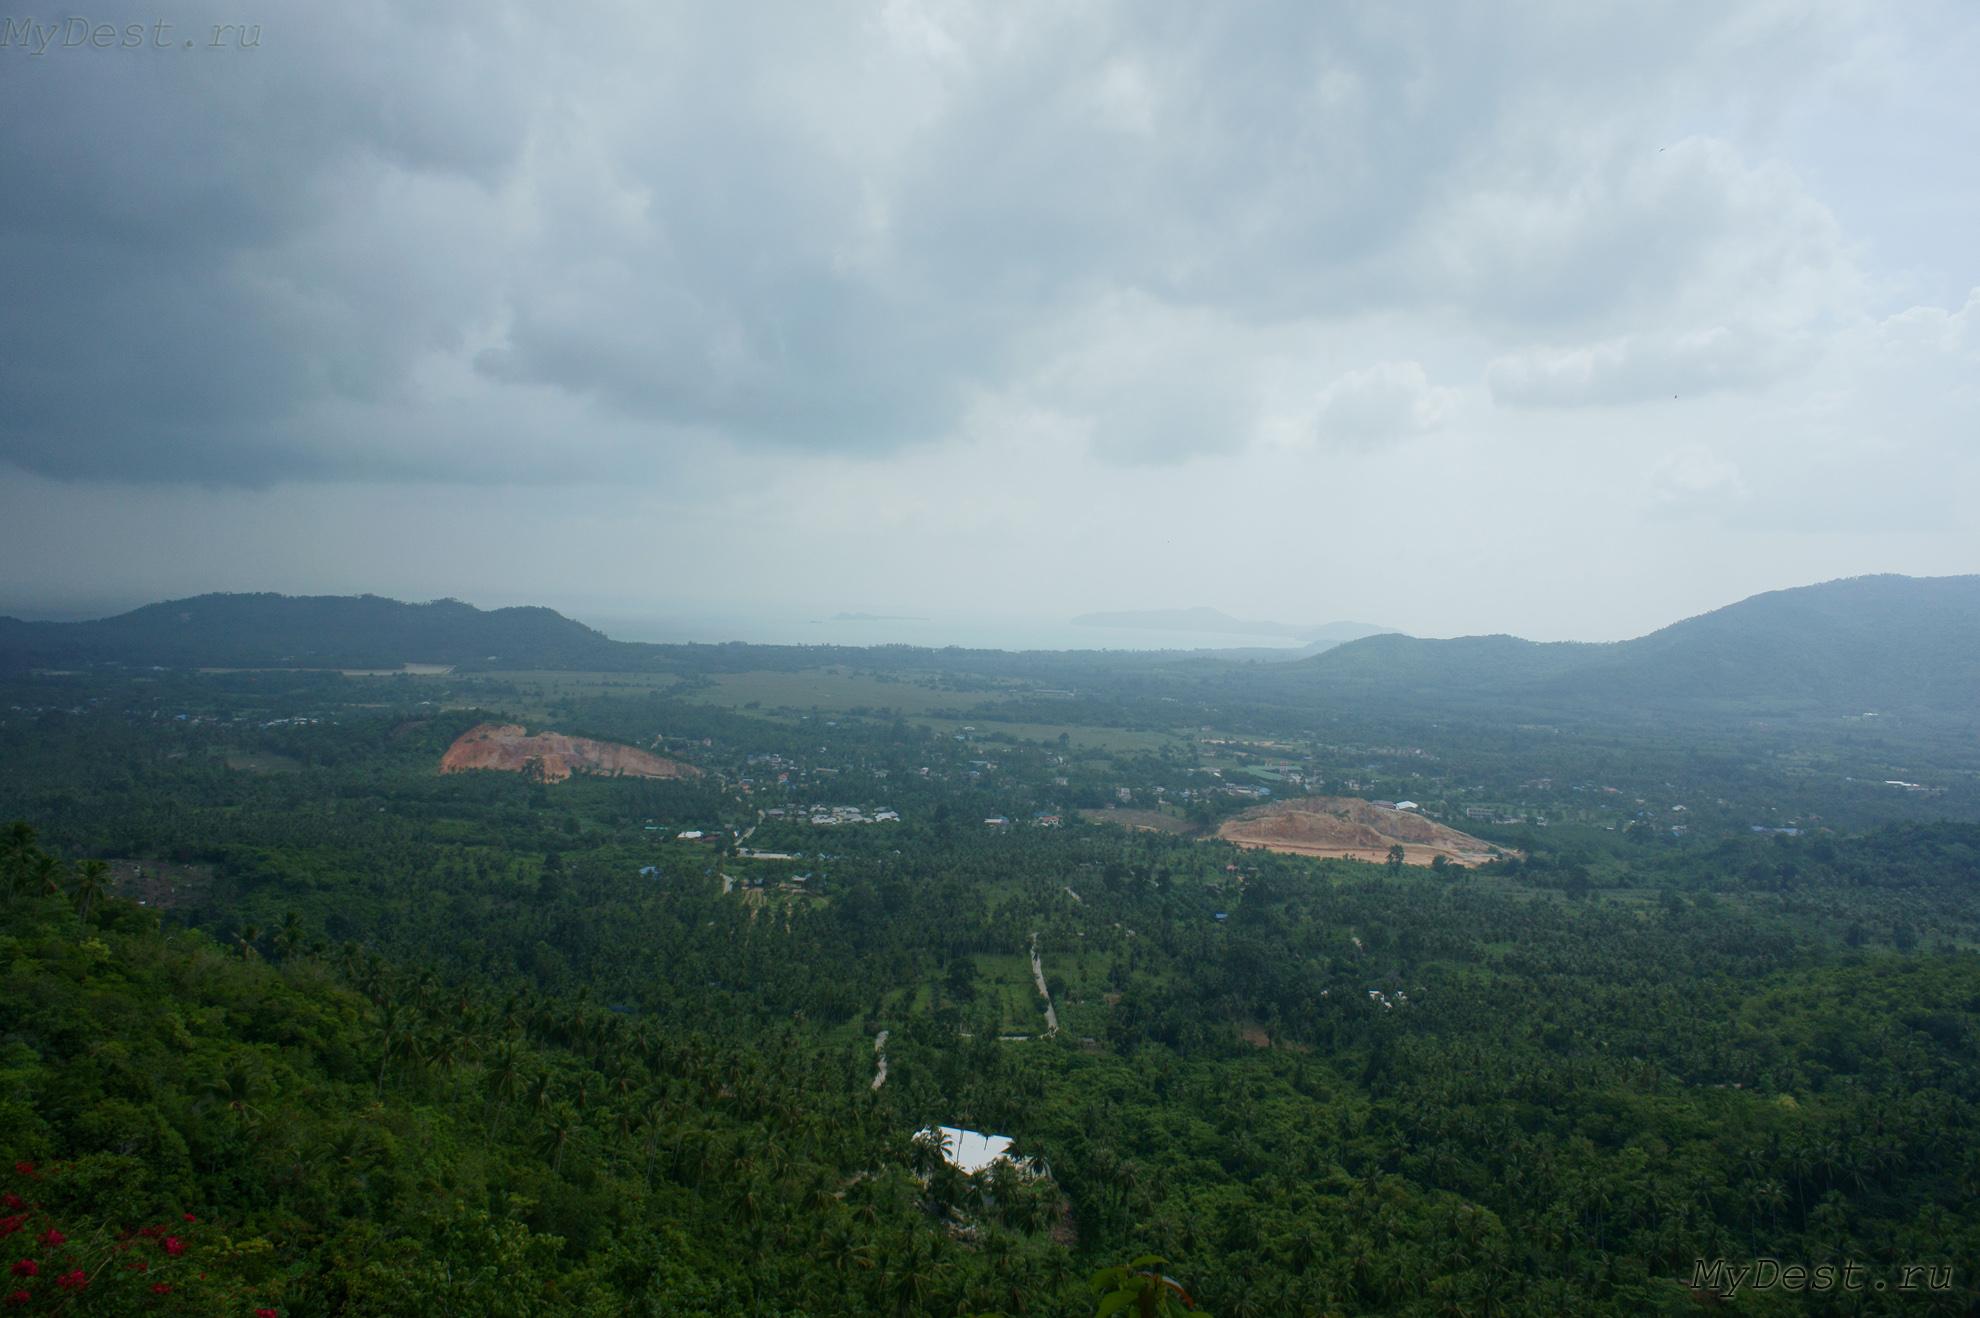 viewpoint at Samui